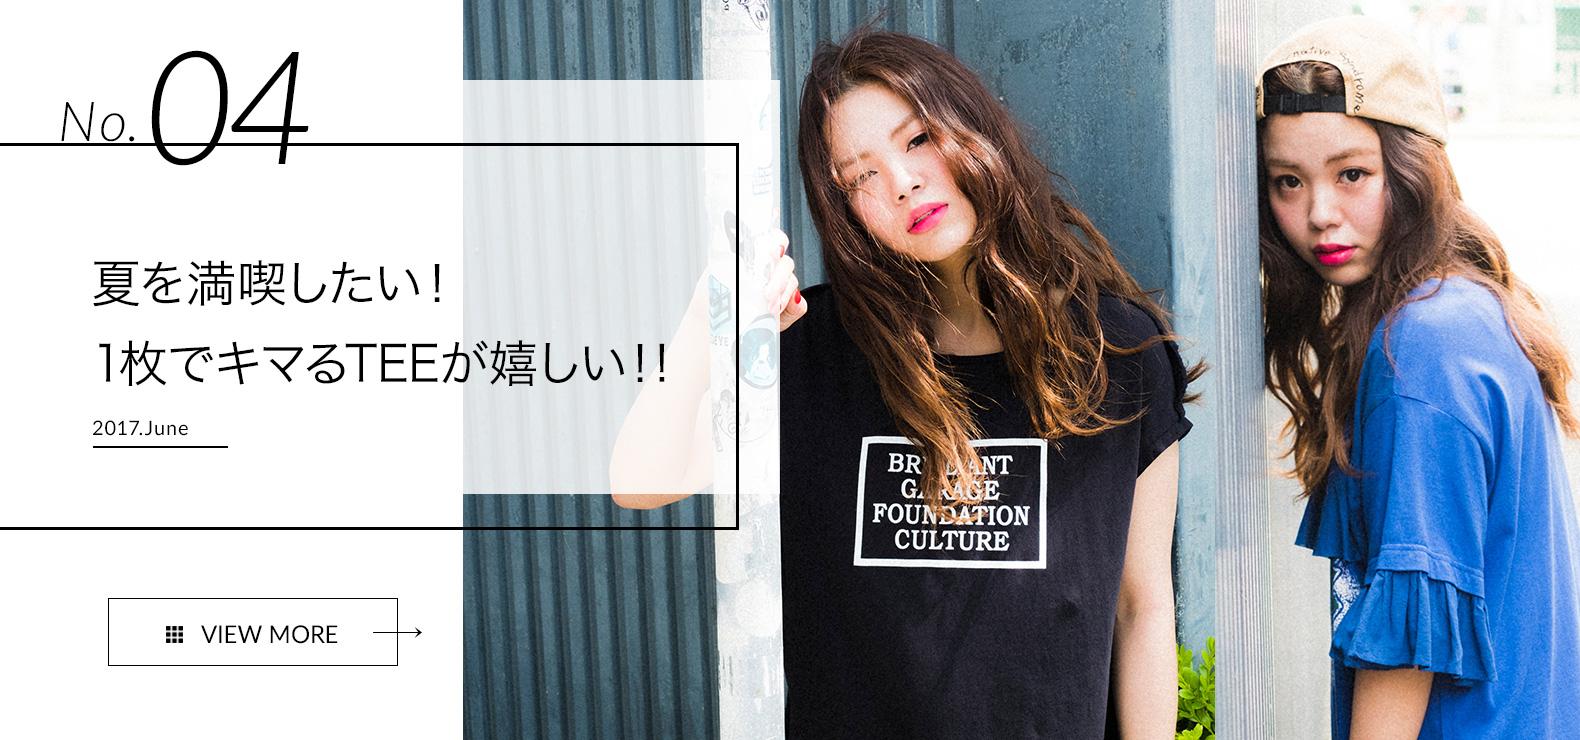 MAGAZIN04_夏を満喫したい!1枚でキマるTEEが嬉しい!!